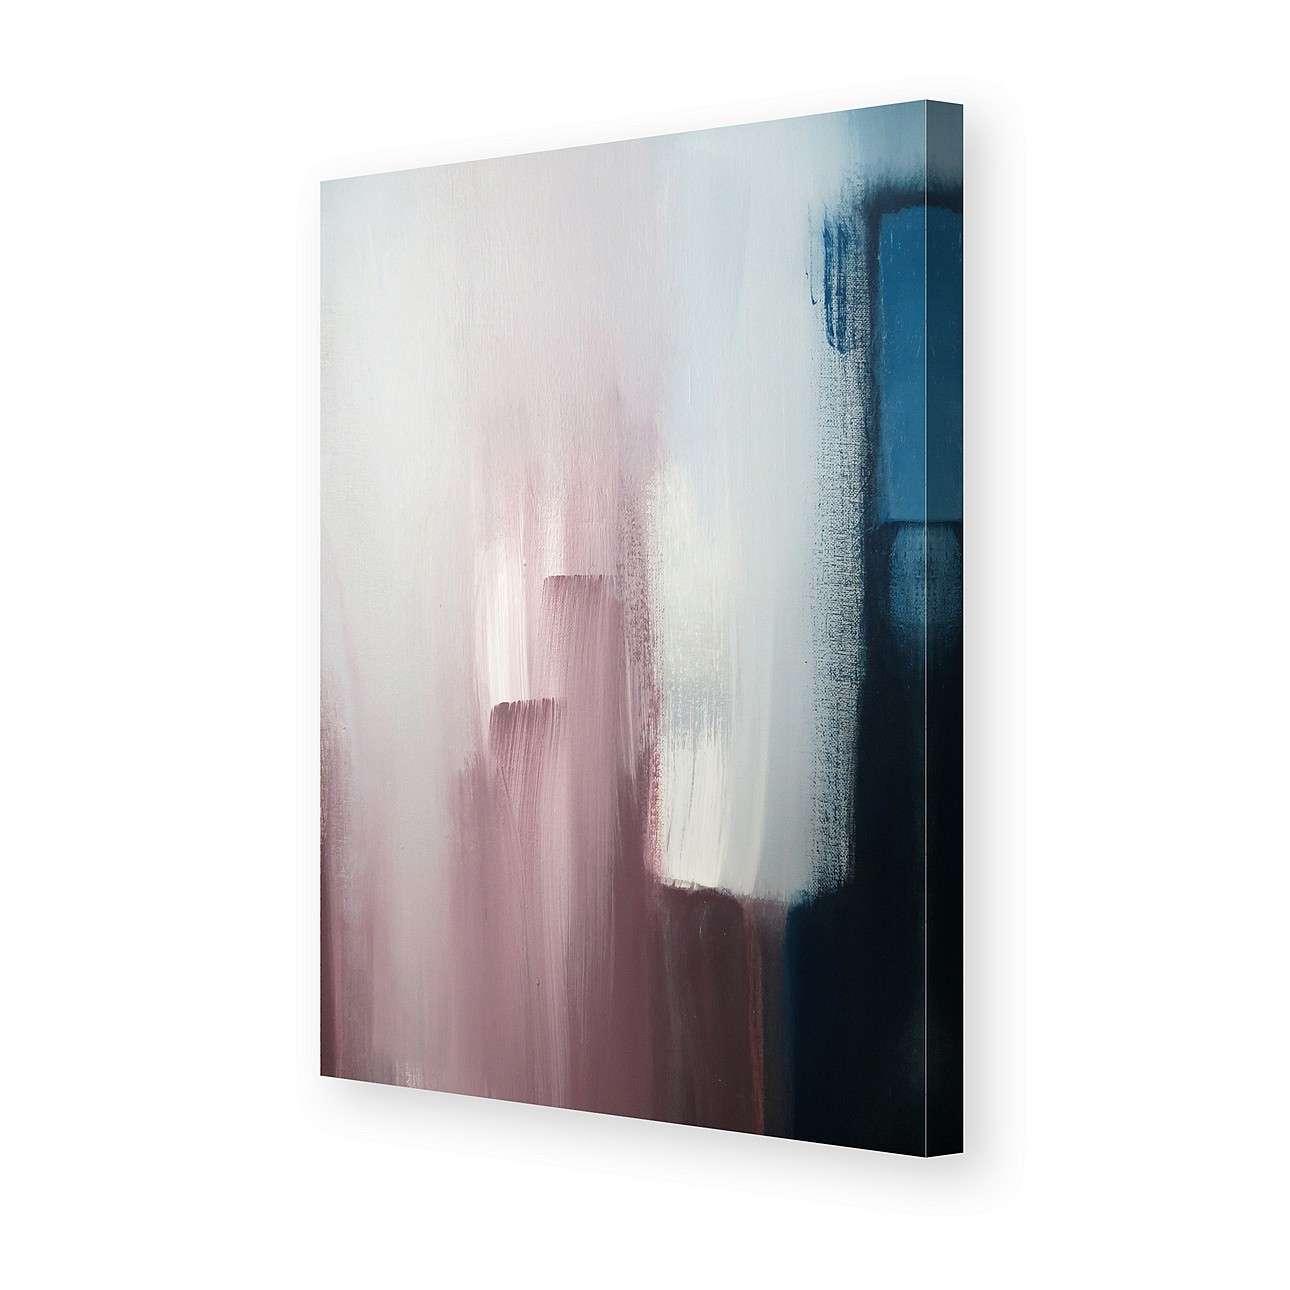 Kunstprint canvas Soft Smuge